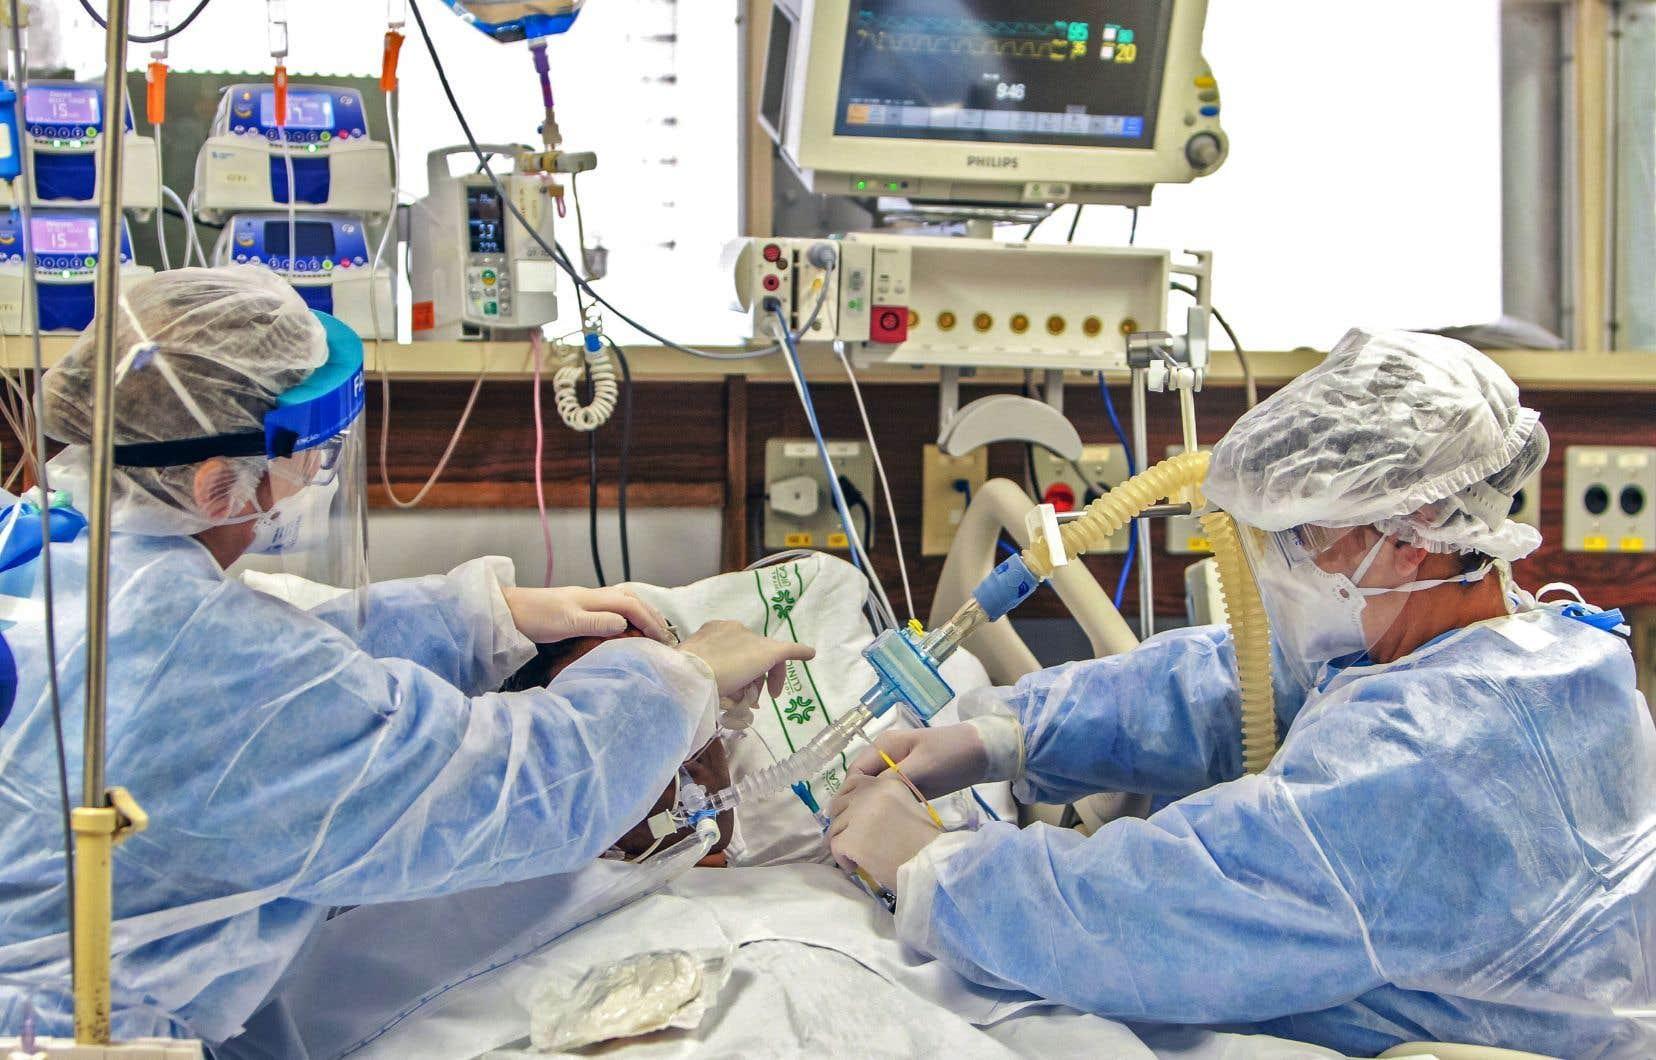 Santé Canada ne précise pas le nombre de respirateurs artificiels dont les hôpitaux pourraient avoir besoin pour répondre à une deuxième vague de COVID-19 et insiste sur le fait qu'on en compte assez pour le moment.